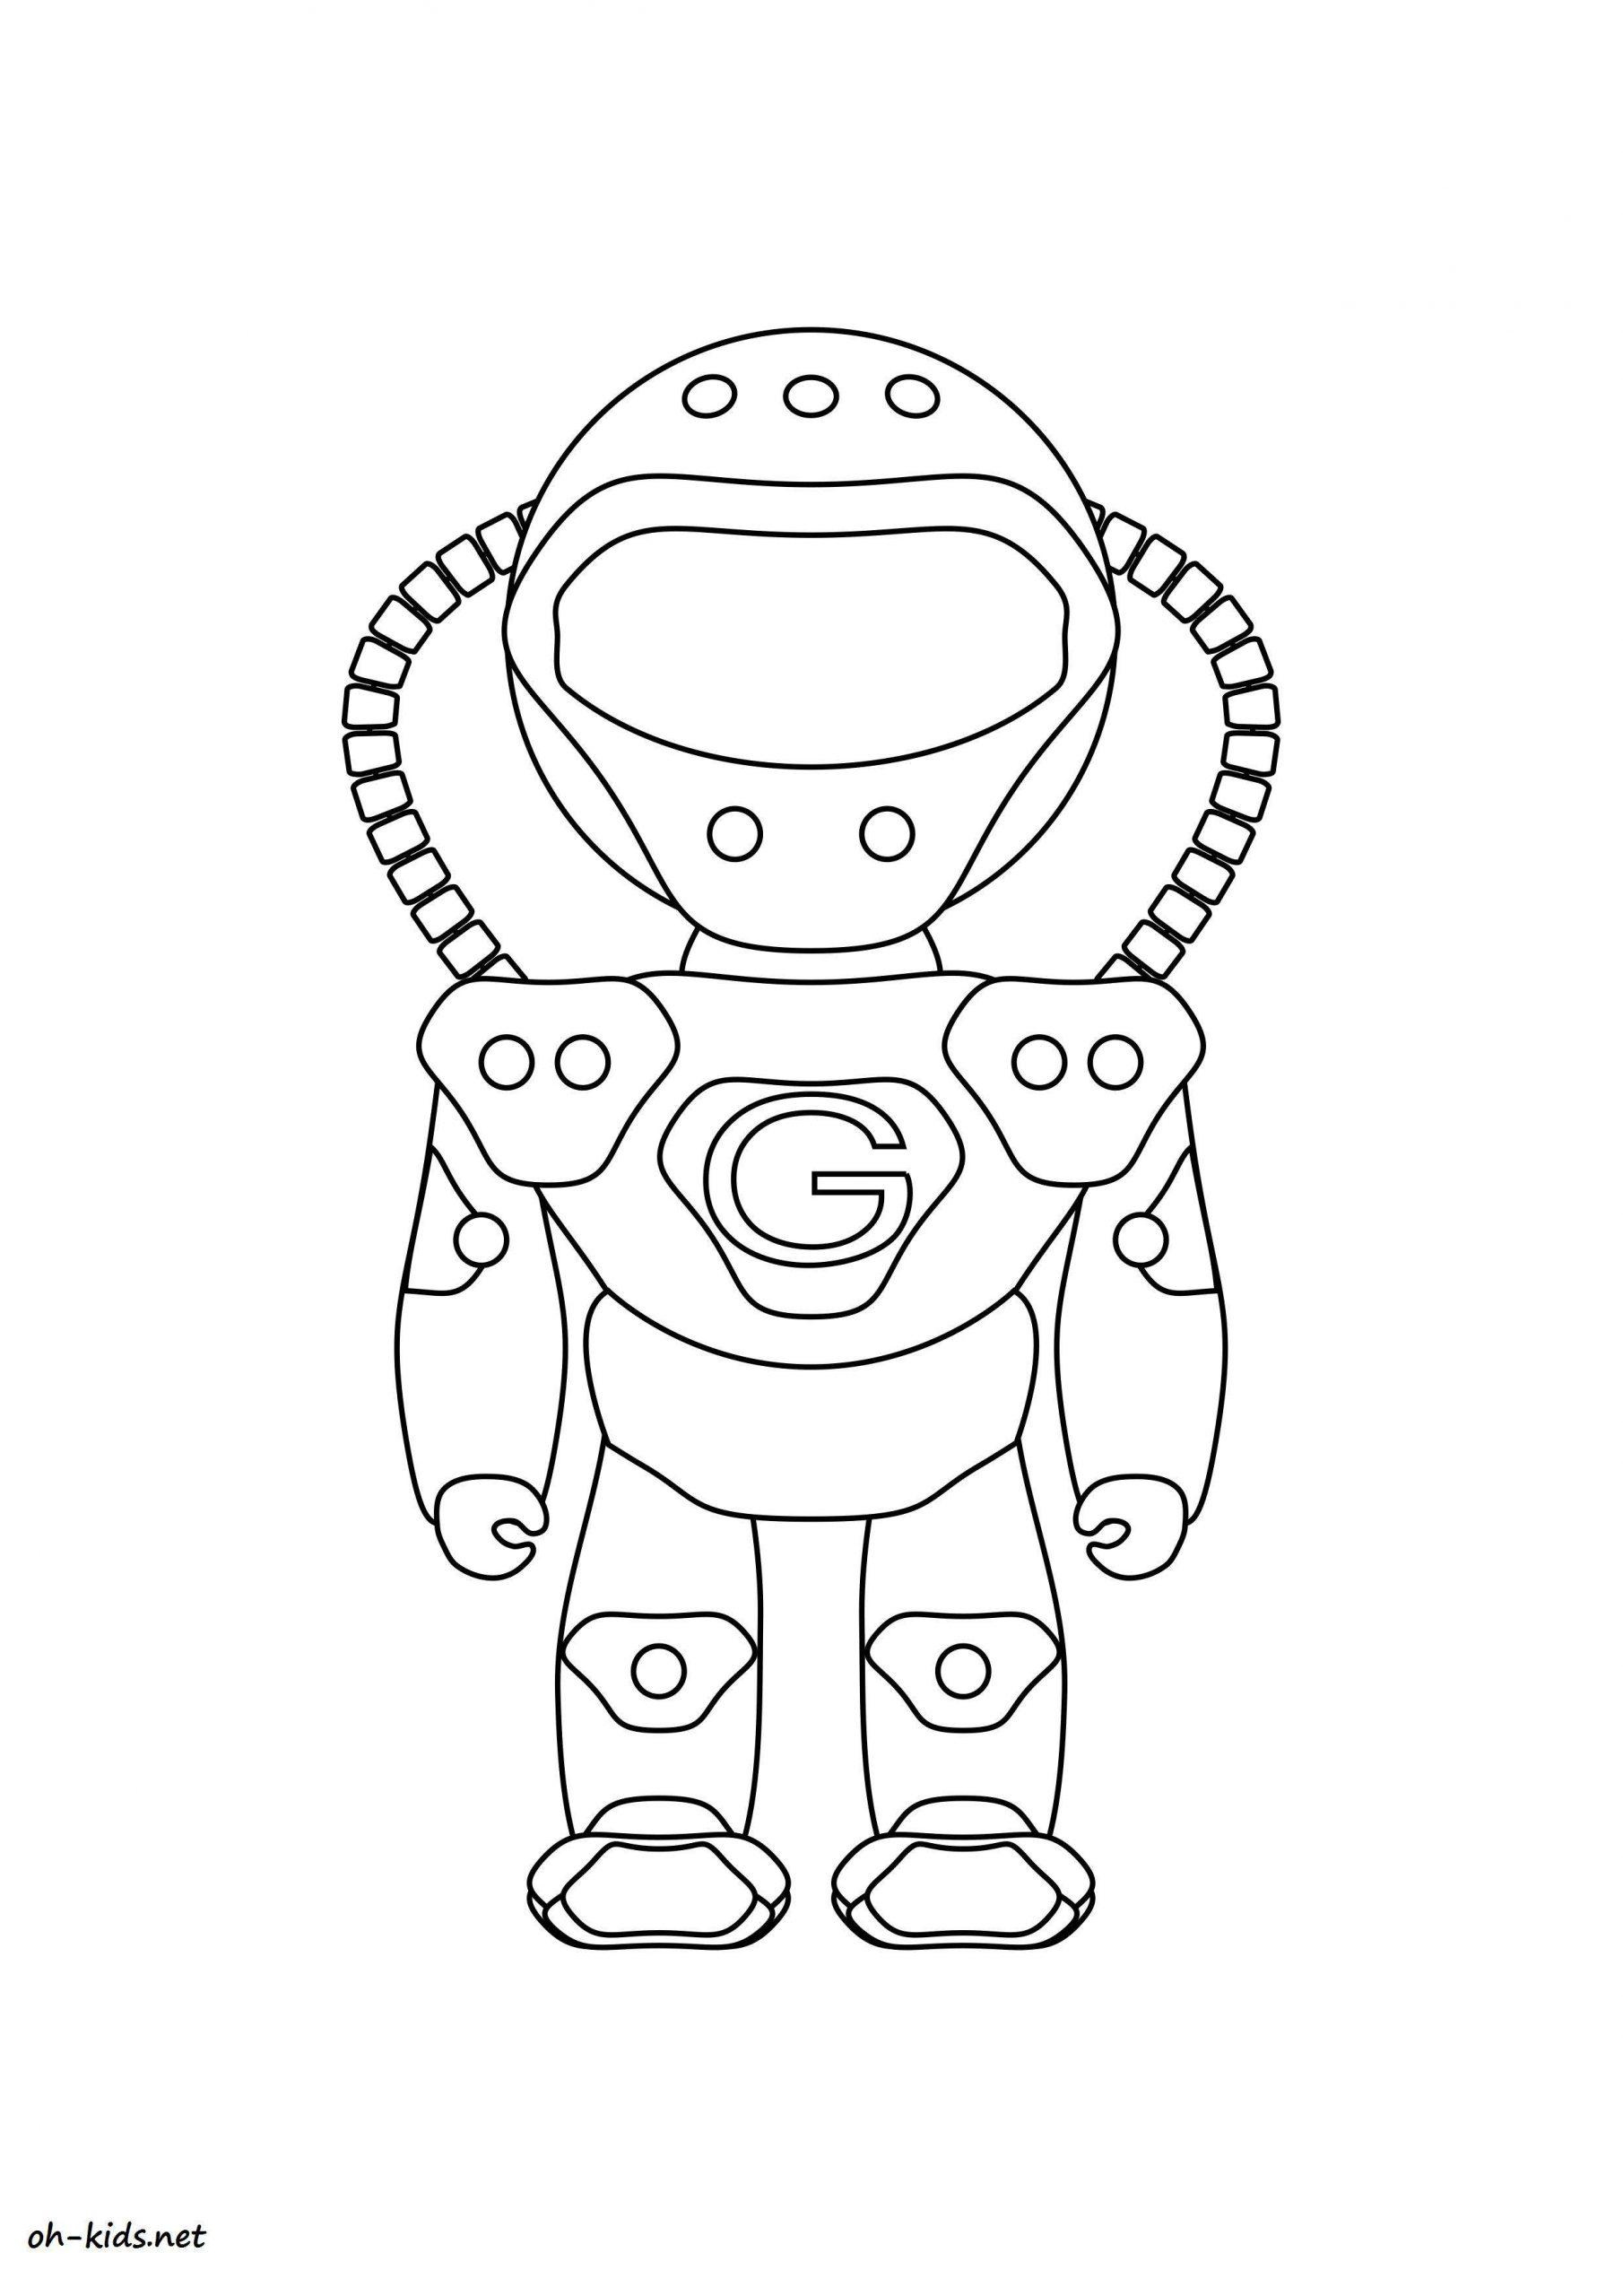 Dessin #1496 - Coloriage Astronaute À Imprimer - Oh-Kids tout Coloriage Astronaute